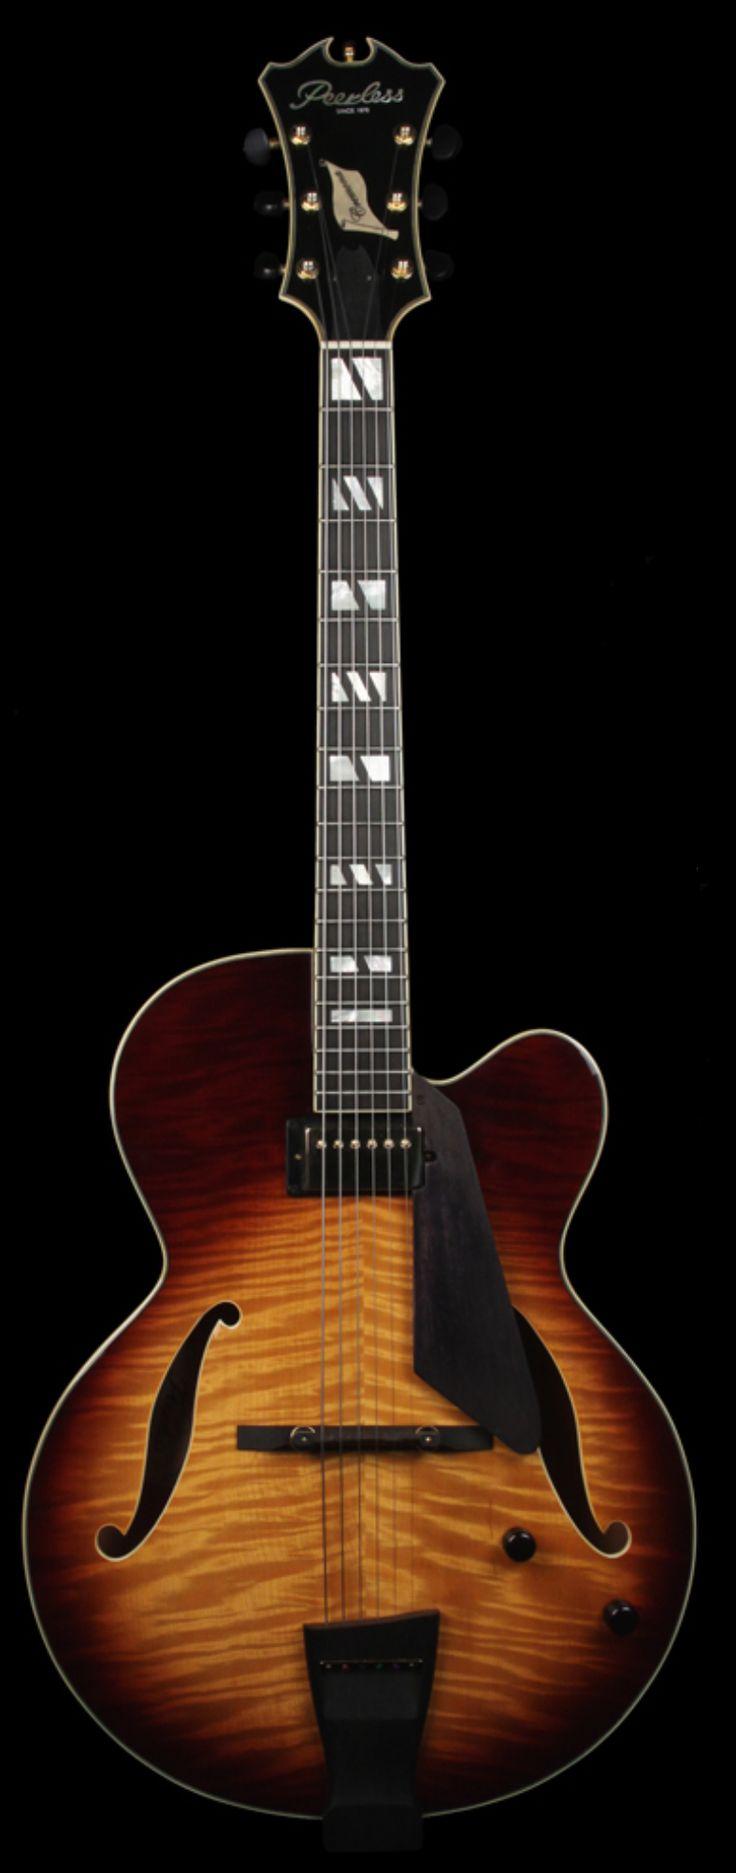 1208 best images about great guitar on pinterest. Black Bedroom Furniture Sets. Home Design Ideas